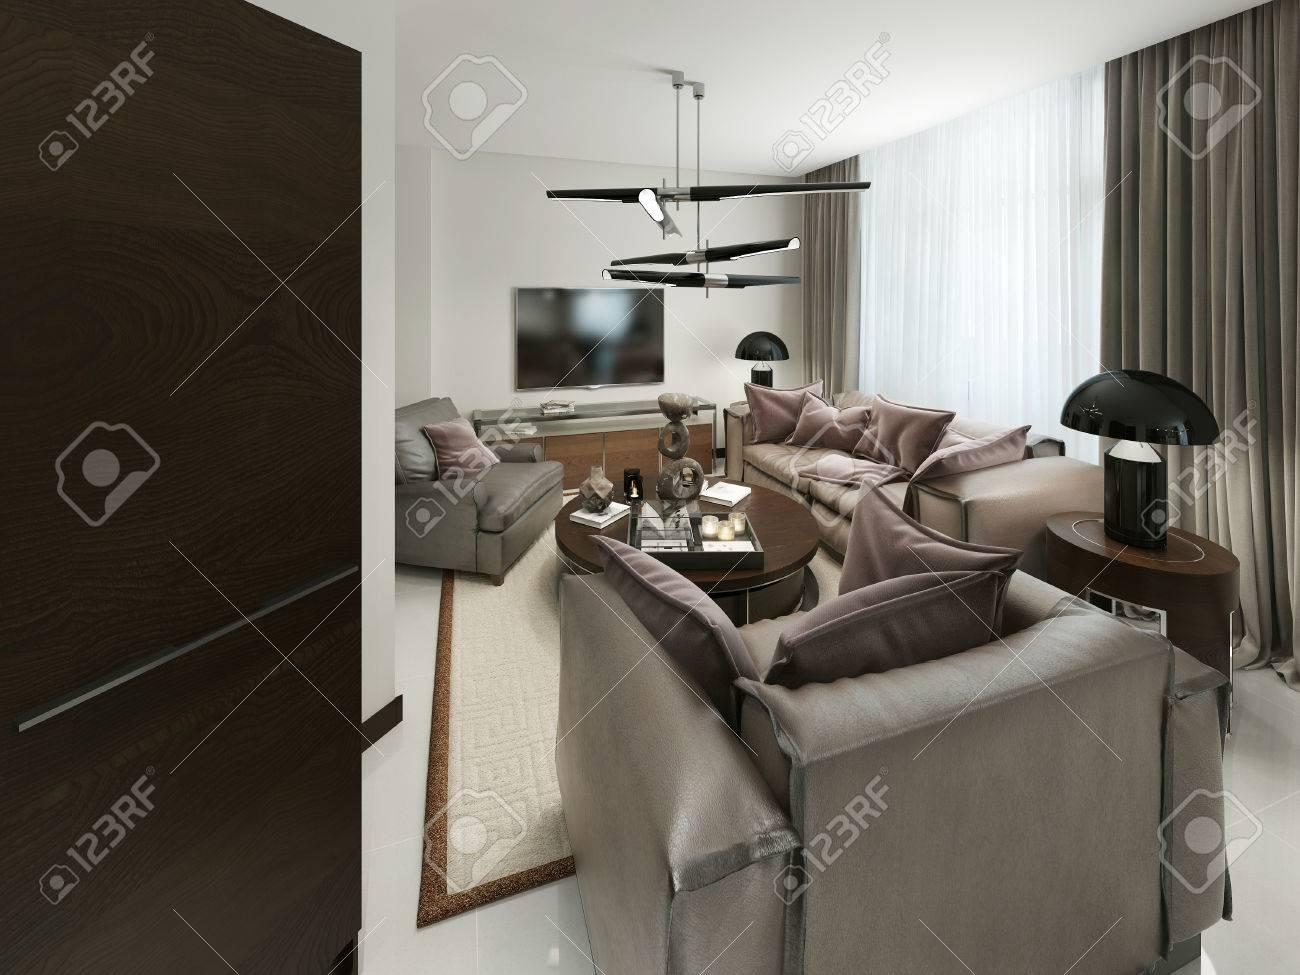 Modernes Wohnzimmer Mit Sitzgelegenheiten Und Media Storage. Die ...